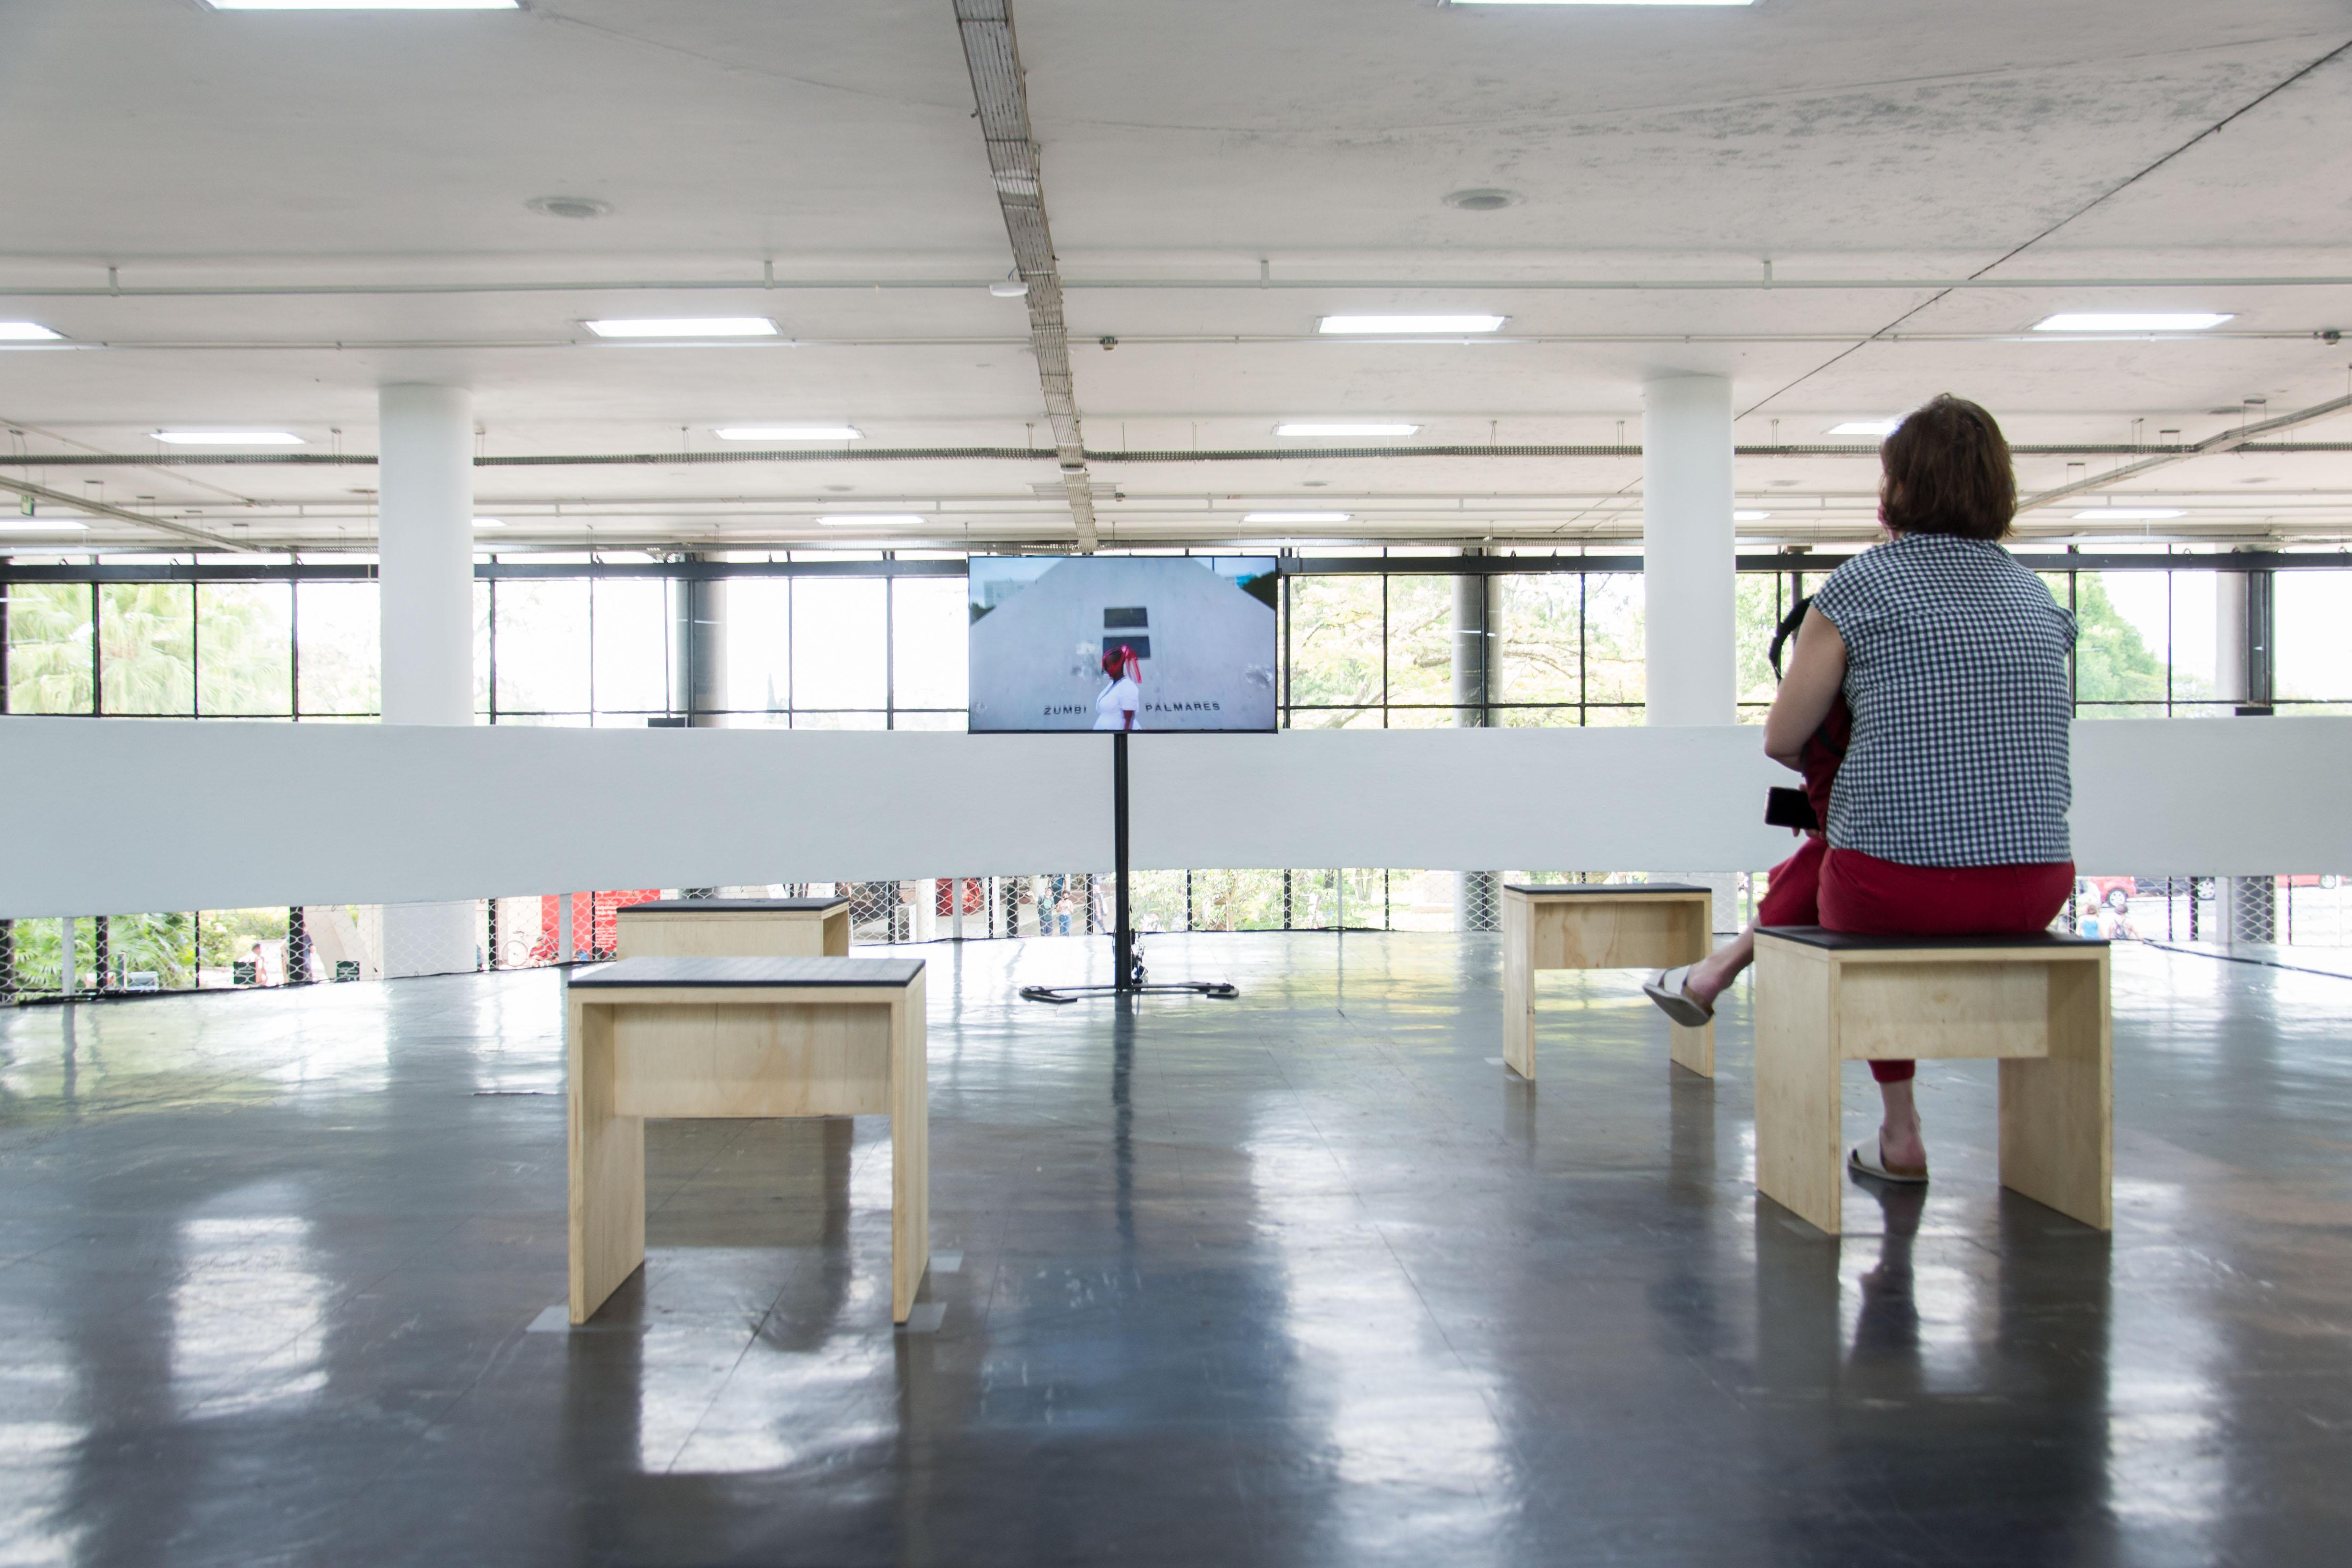 Vista da obra <i>Experimentando o vermelho em dilúvio</i> (2016), de Musa Michelle Mattiuzzi na exposição <i>Vento</i>. Foto: Levi Fanan / Fundação Bienal de São Paulo